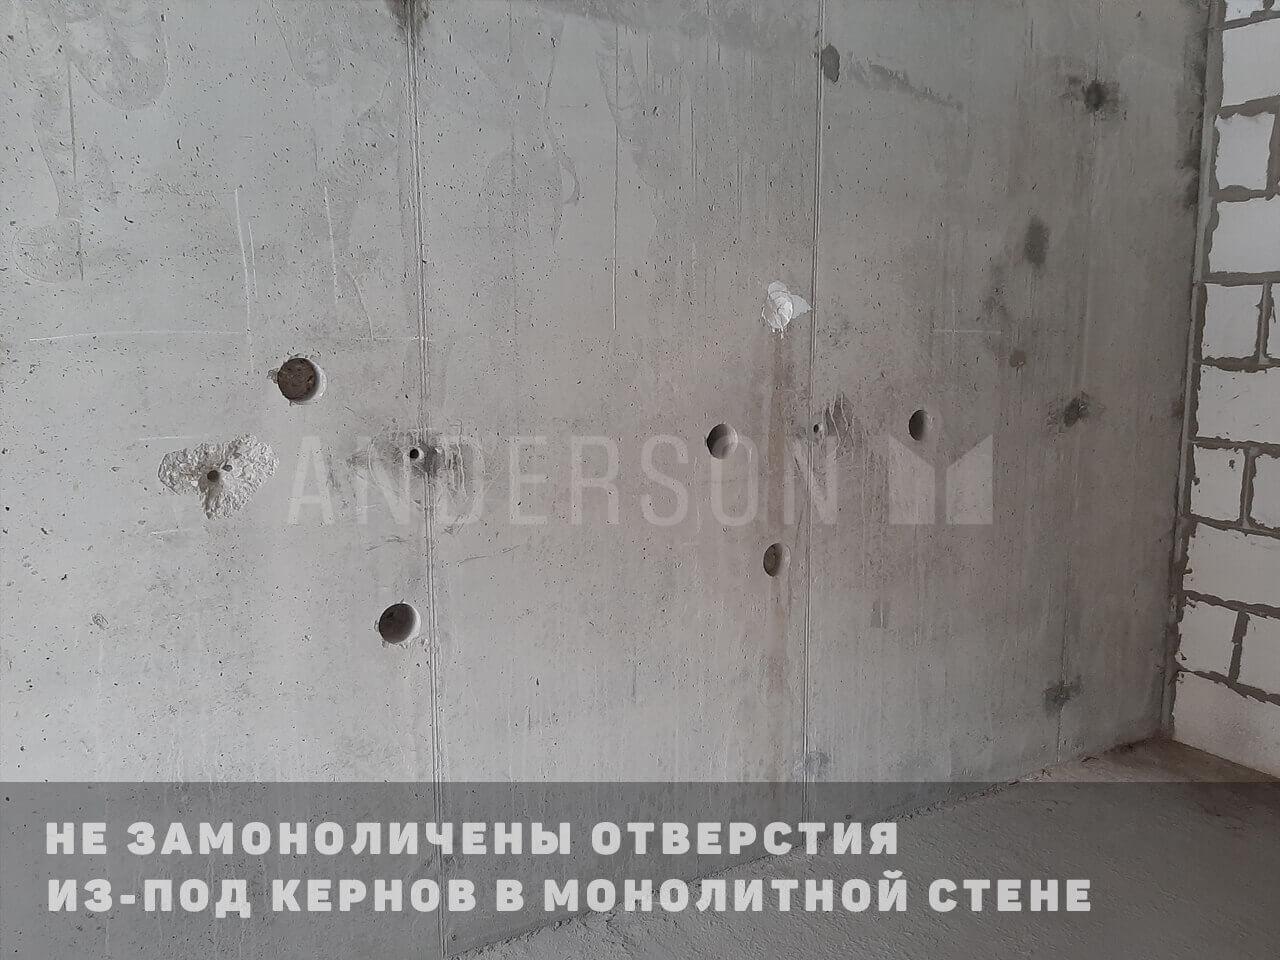 Керны в монолитной стене